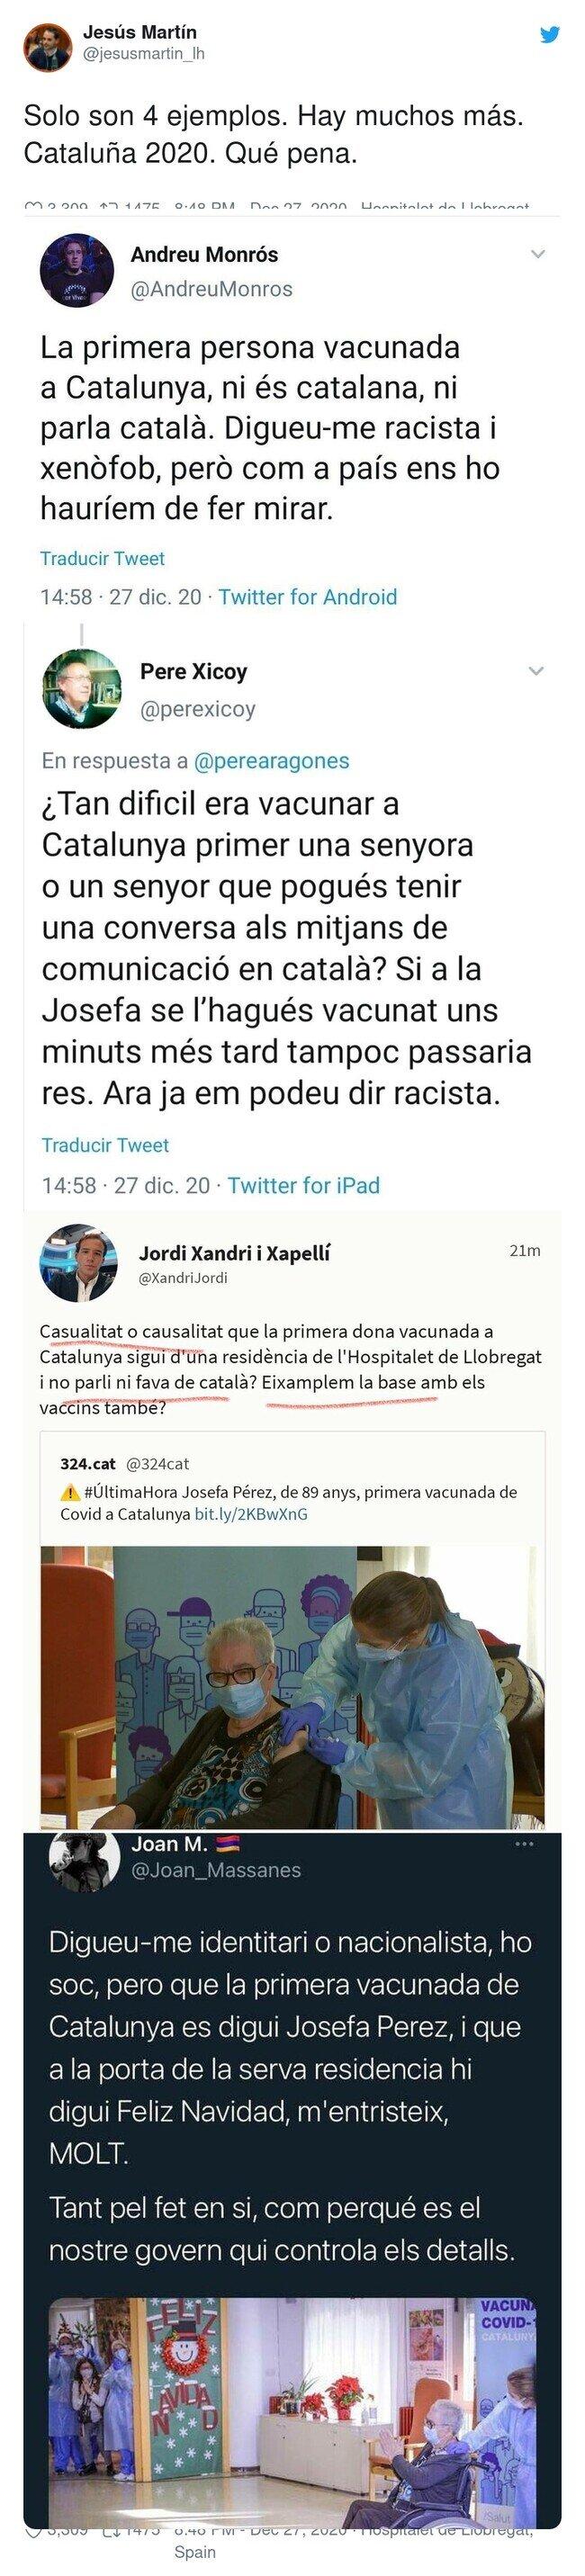 21450 - Esto es lo que opinan algunos catalanes de la primera mujer vacunada en Catalunya